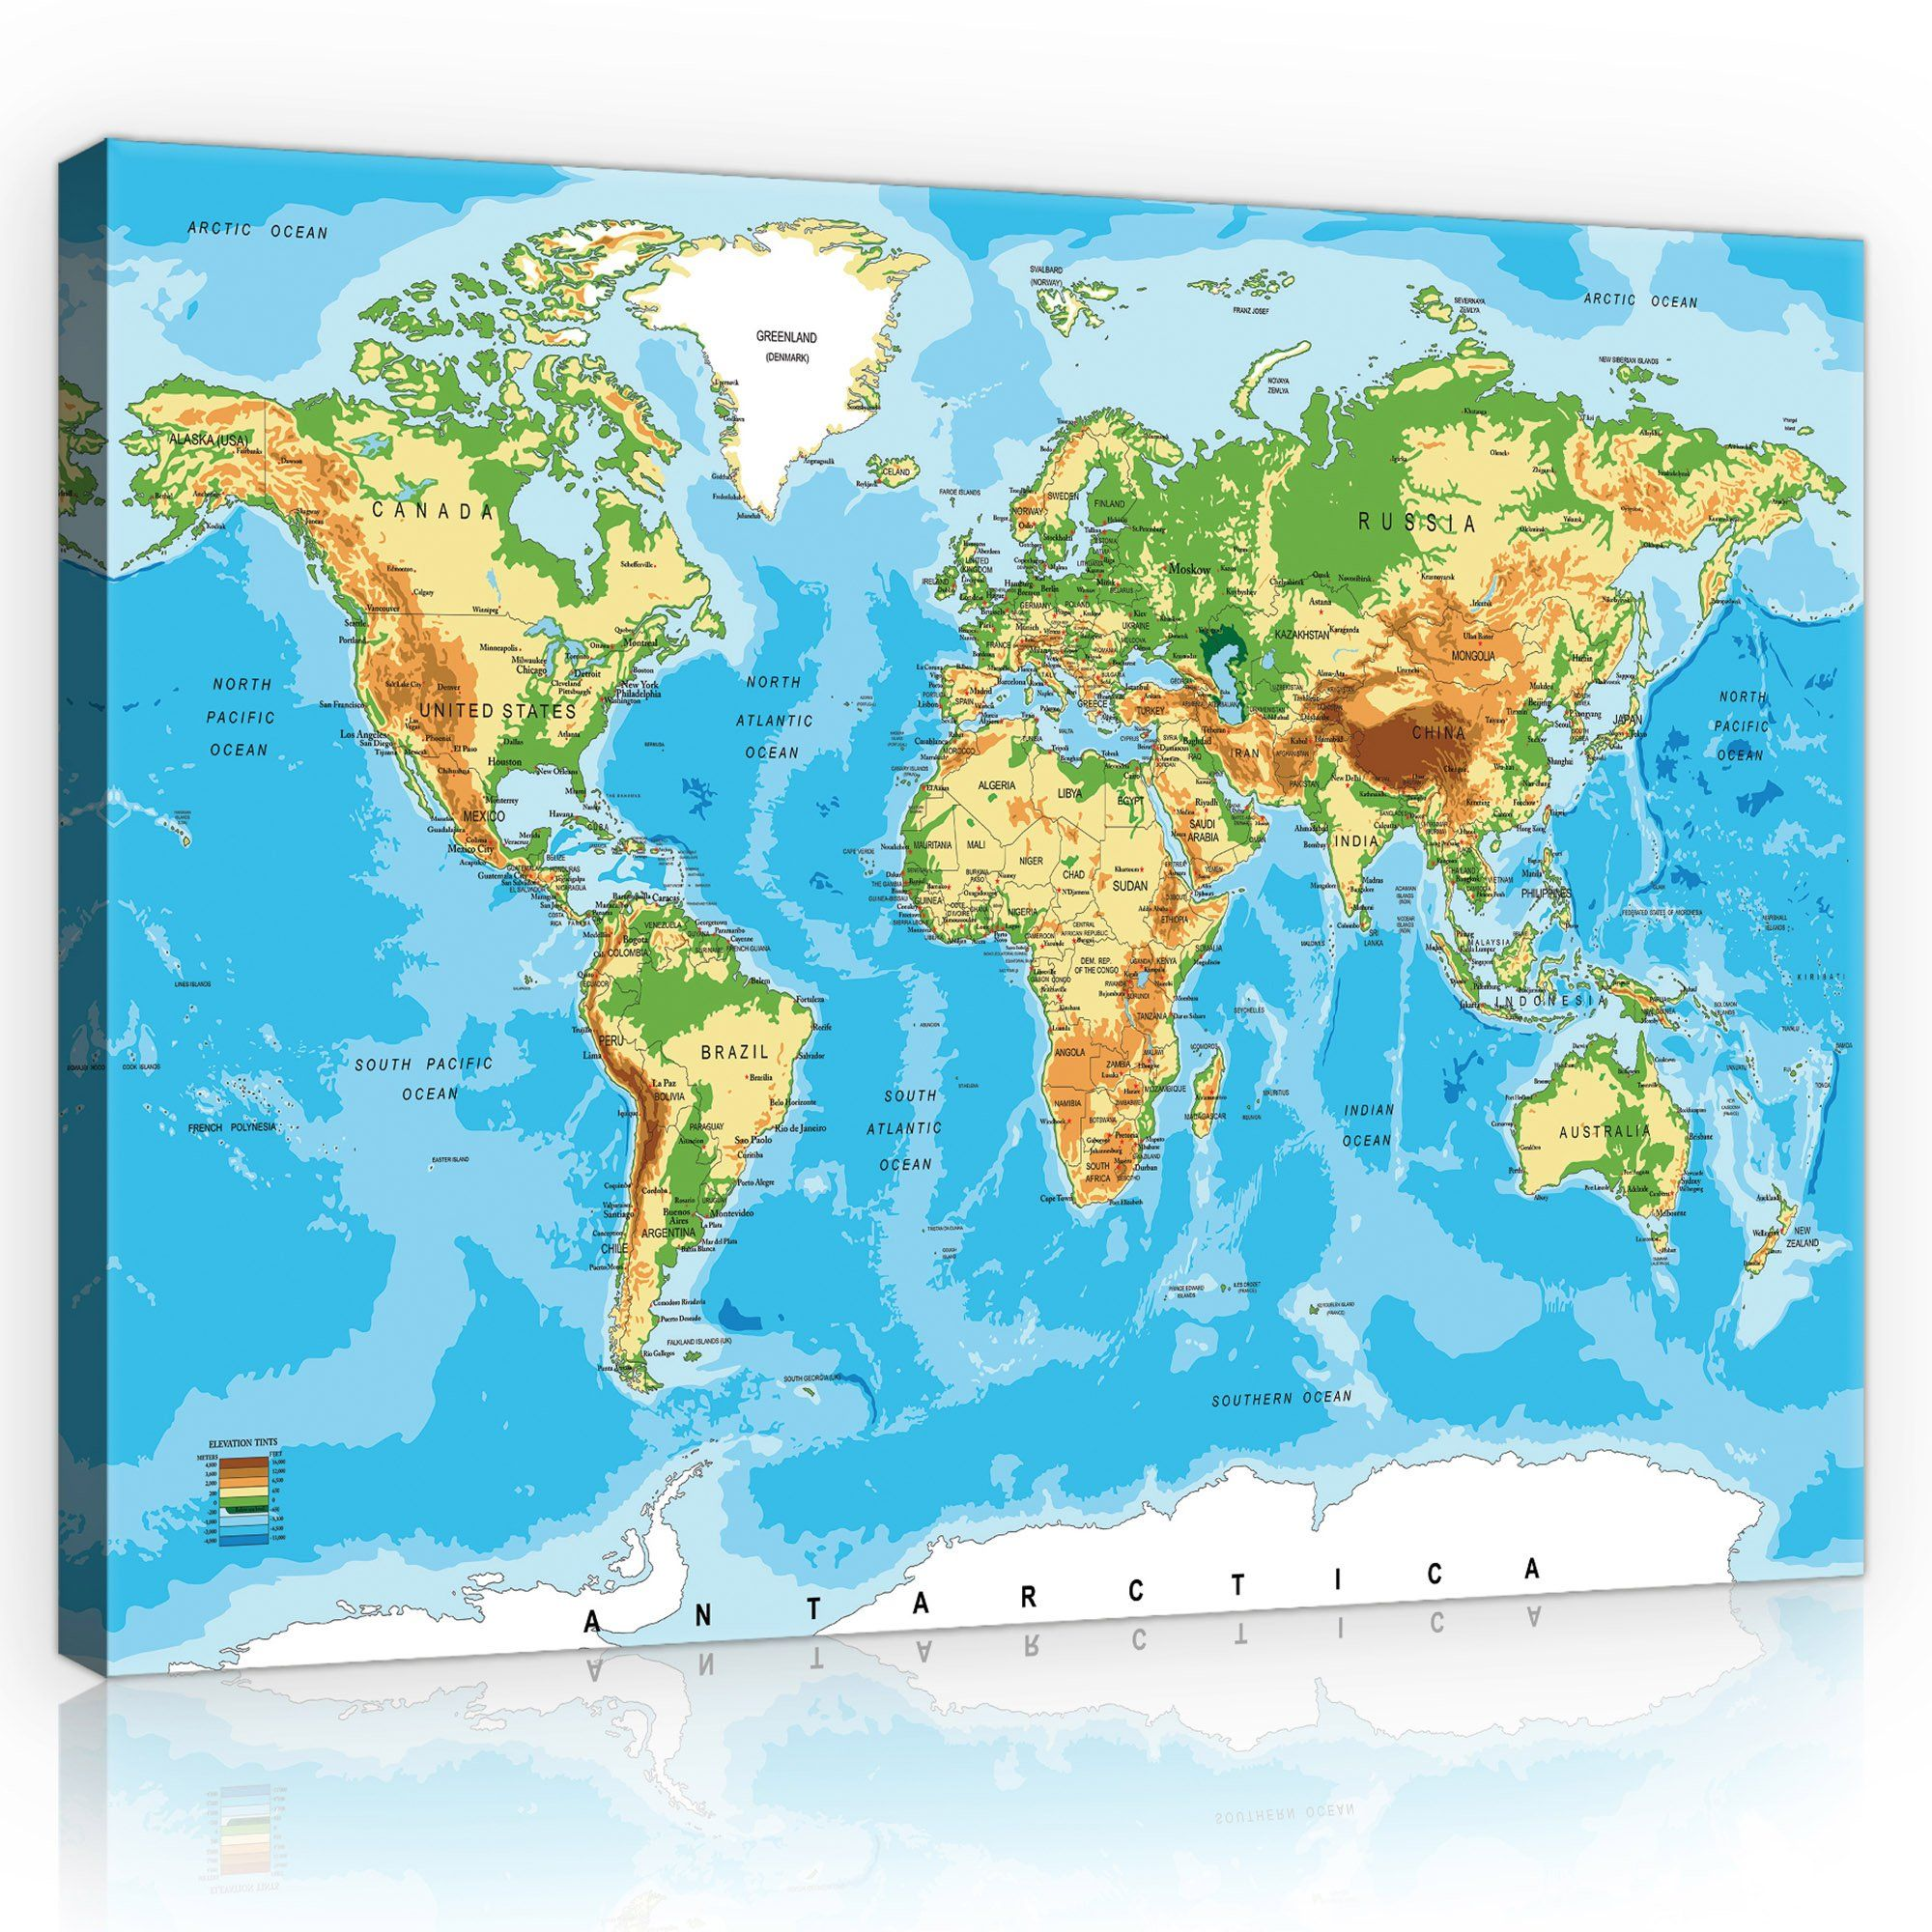 Obraz 100x75 Mapa Swiata Kontynenty Duzy Wybor In 2020 With